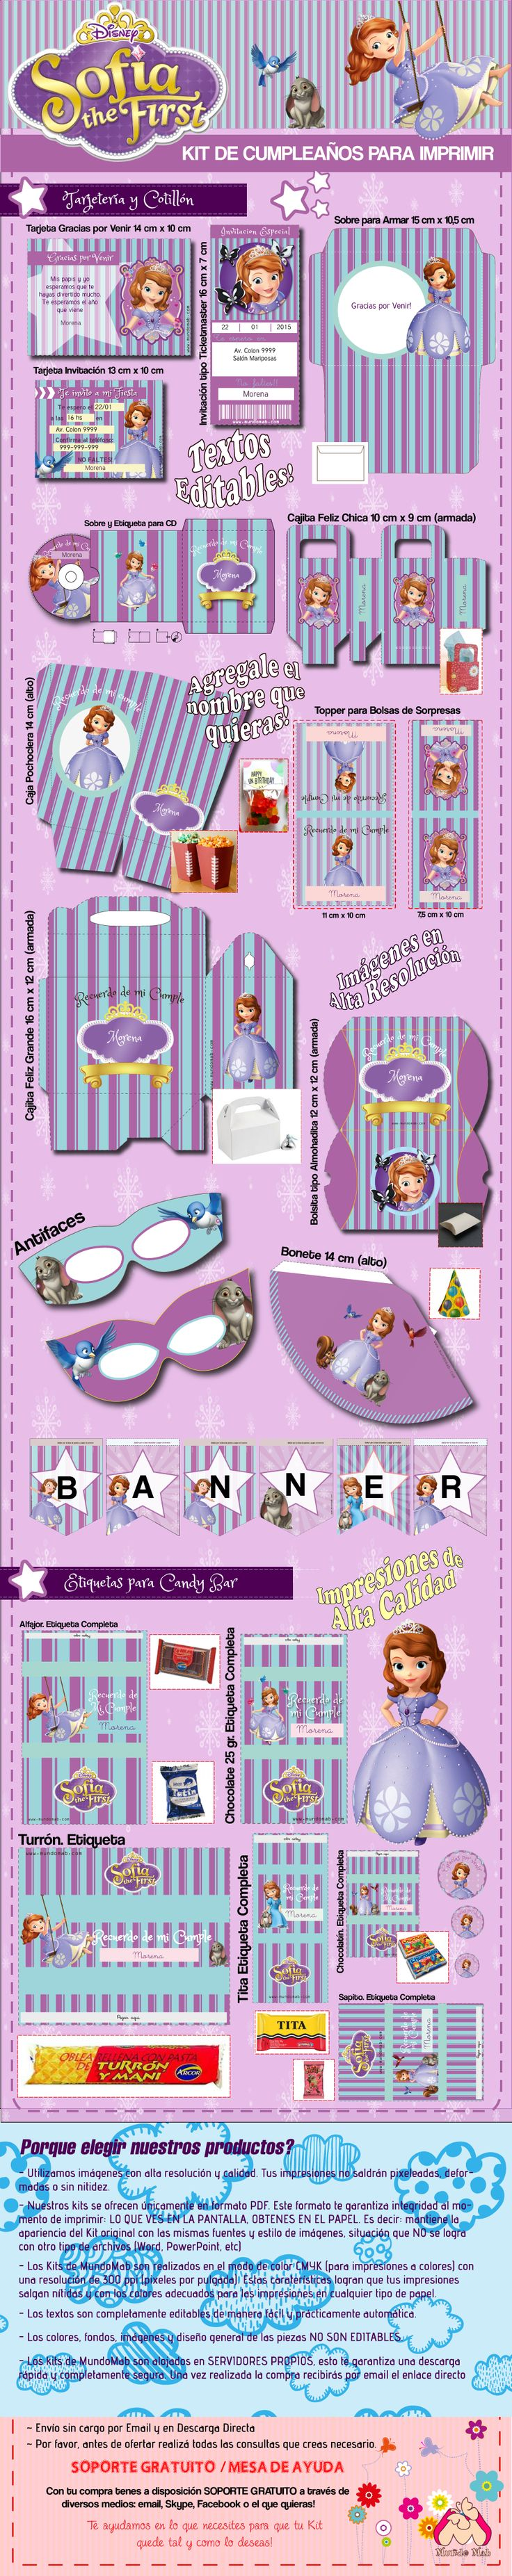 Kit de cumpleaños para imprimir Princesa Sofía. Incluye tarjeta de cumpleaños, cajita feliz, etiquetas para candy bar y mucho mas!…